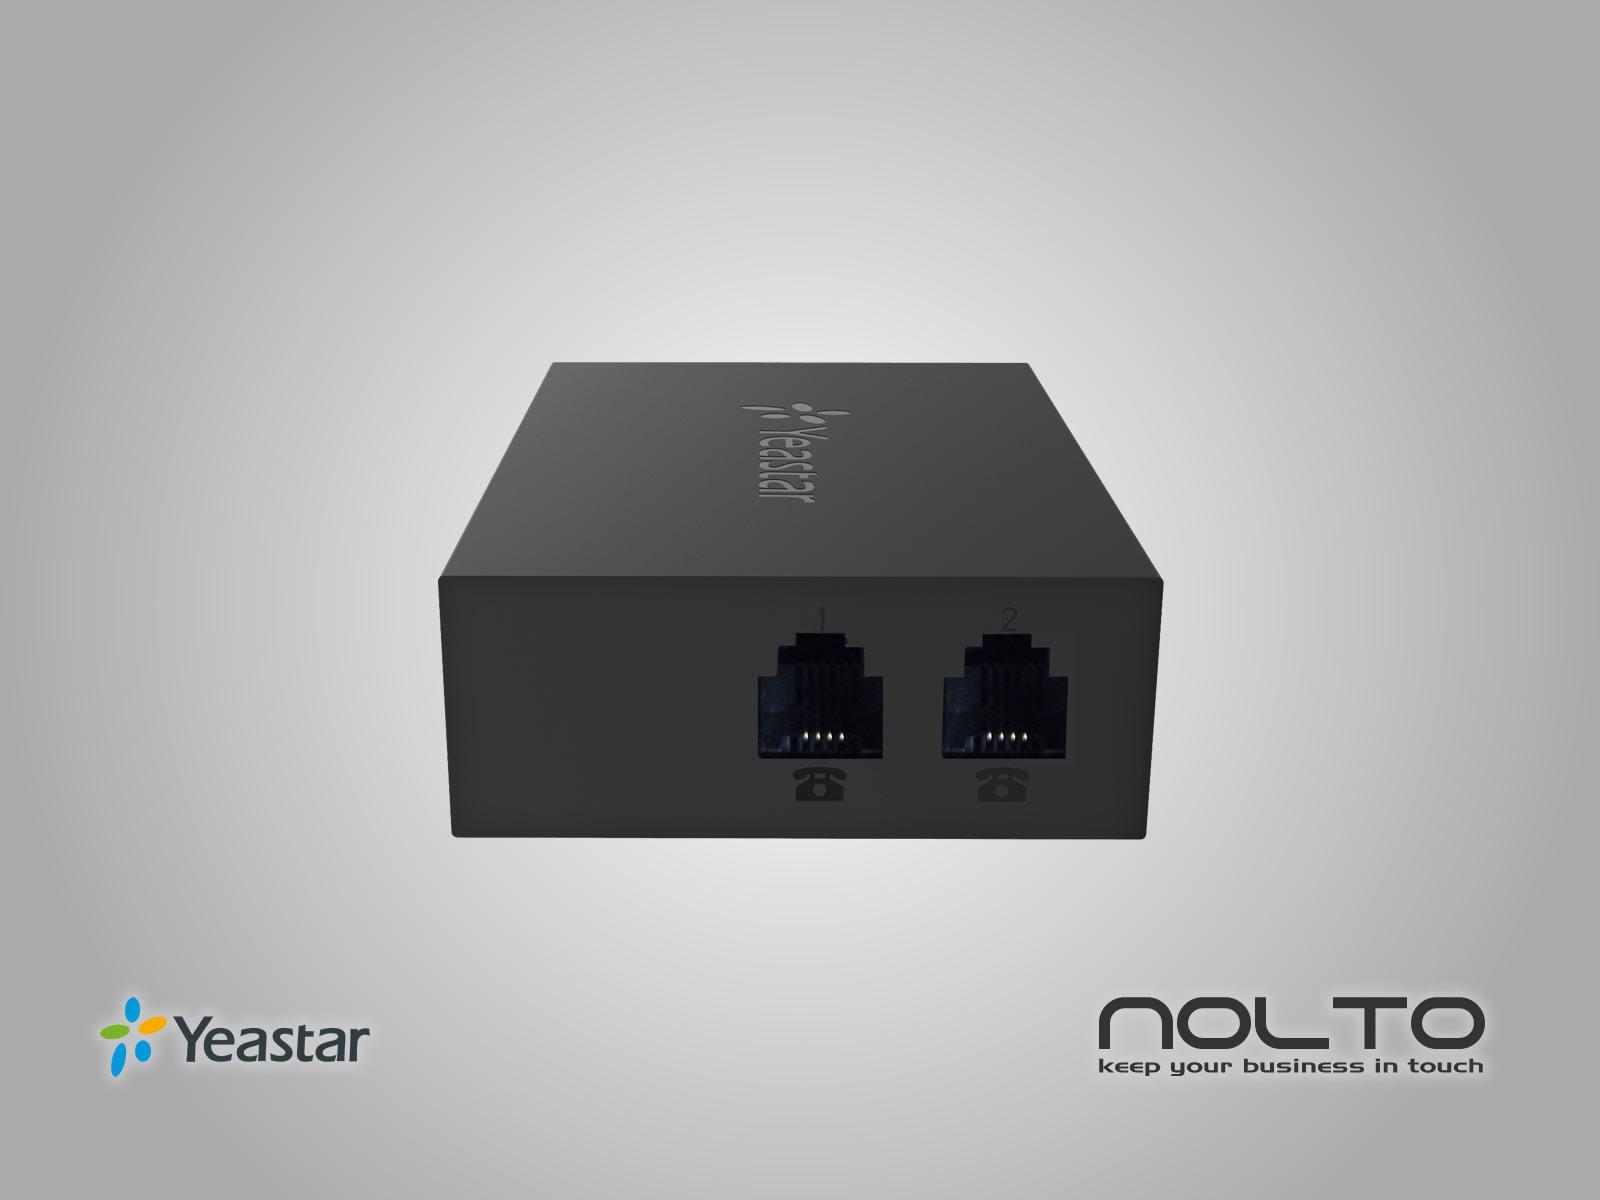 Yeastar TA200 FXS VoIP Gateway